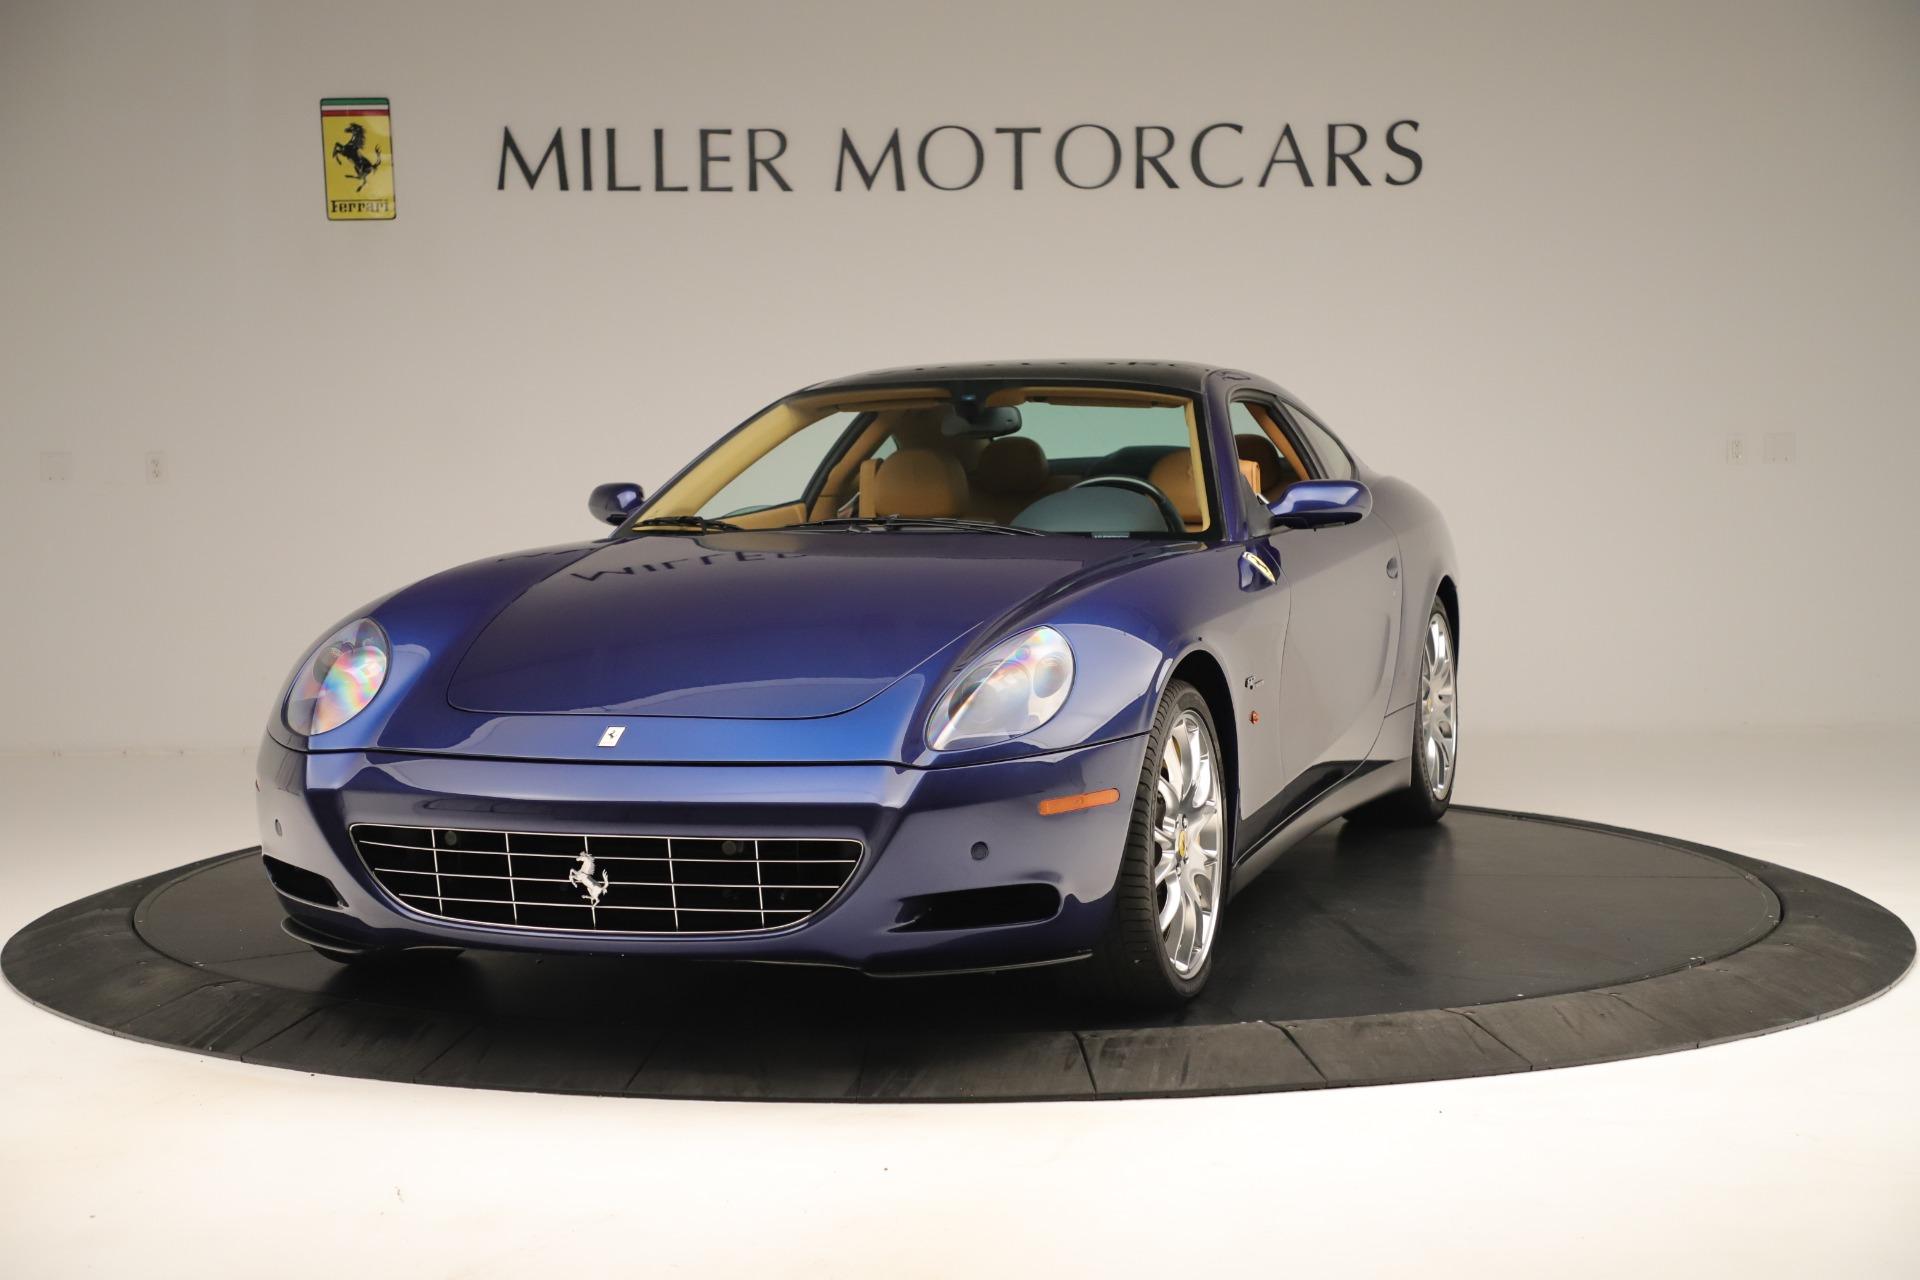 Used 2009 Ferrari 612 Scaglietti OTO for sale Sold at Aston Martin of Greenwich in Greenwich CT 06830 1